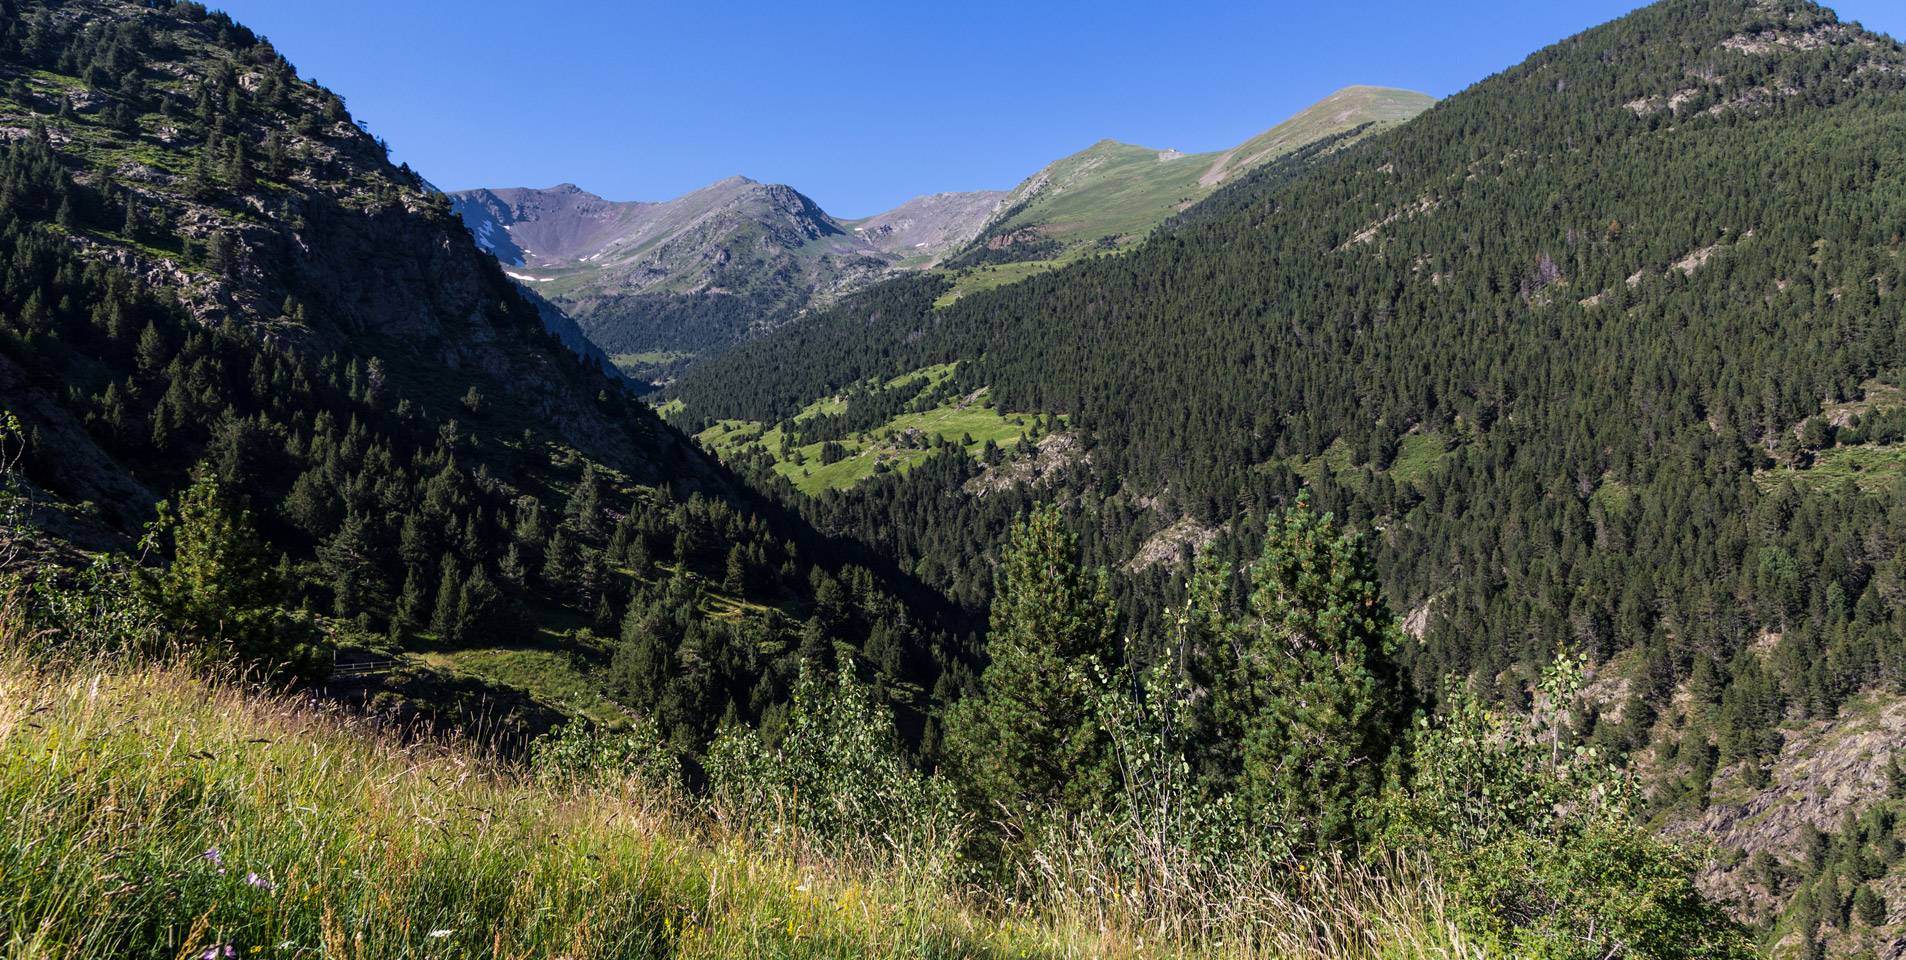 Op vakantie in de bergen